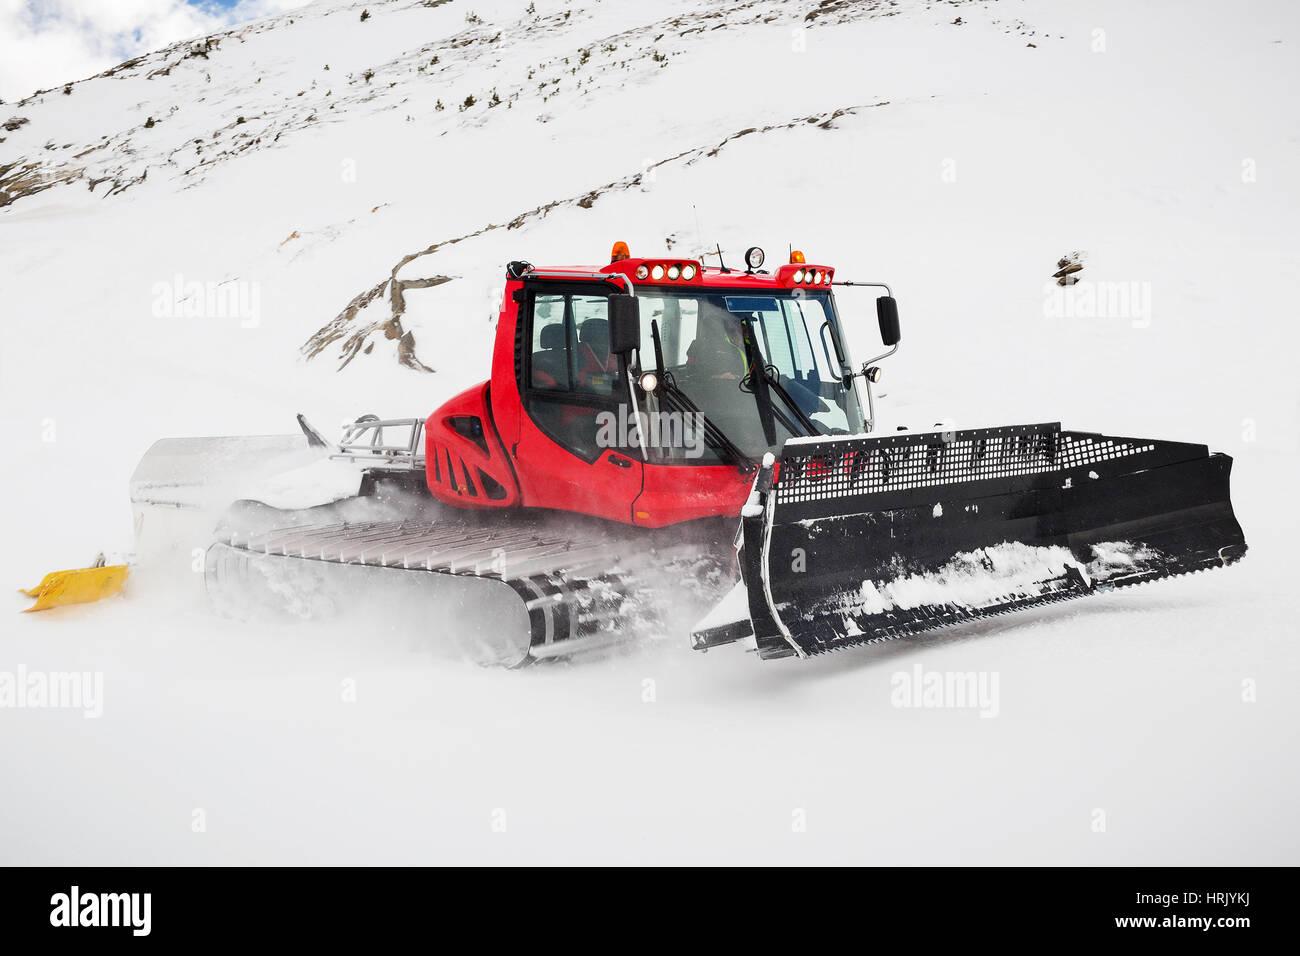 Un Snow Plough toelettatura piste a Obergurgl in Austria. Motion Blur per il veloce movimento di cingoli. Immagini Stock